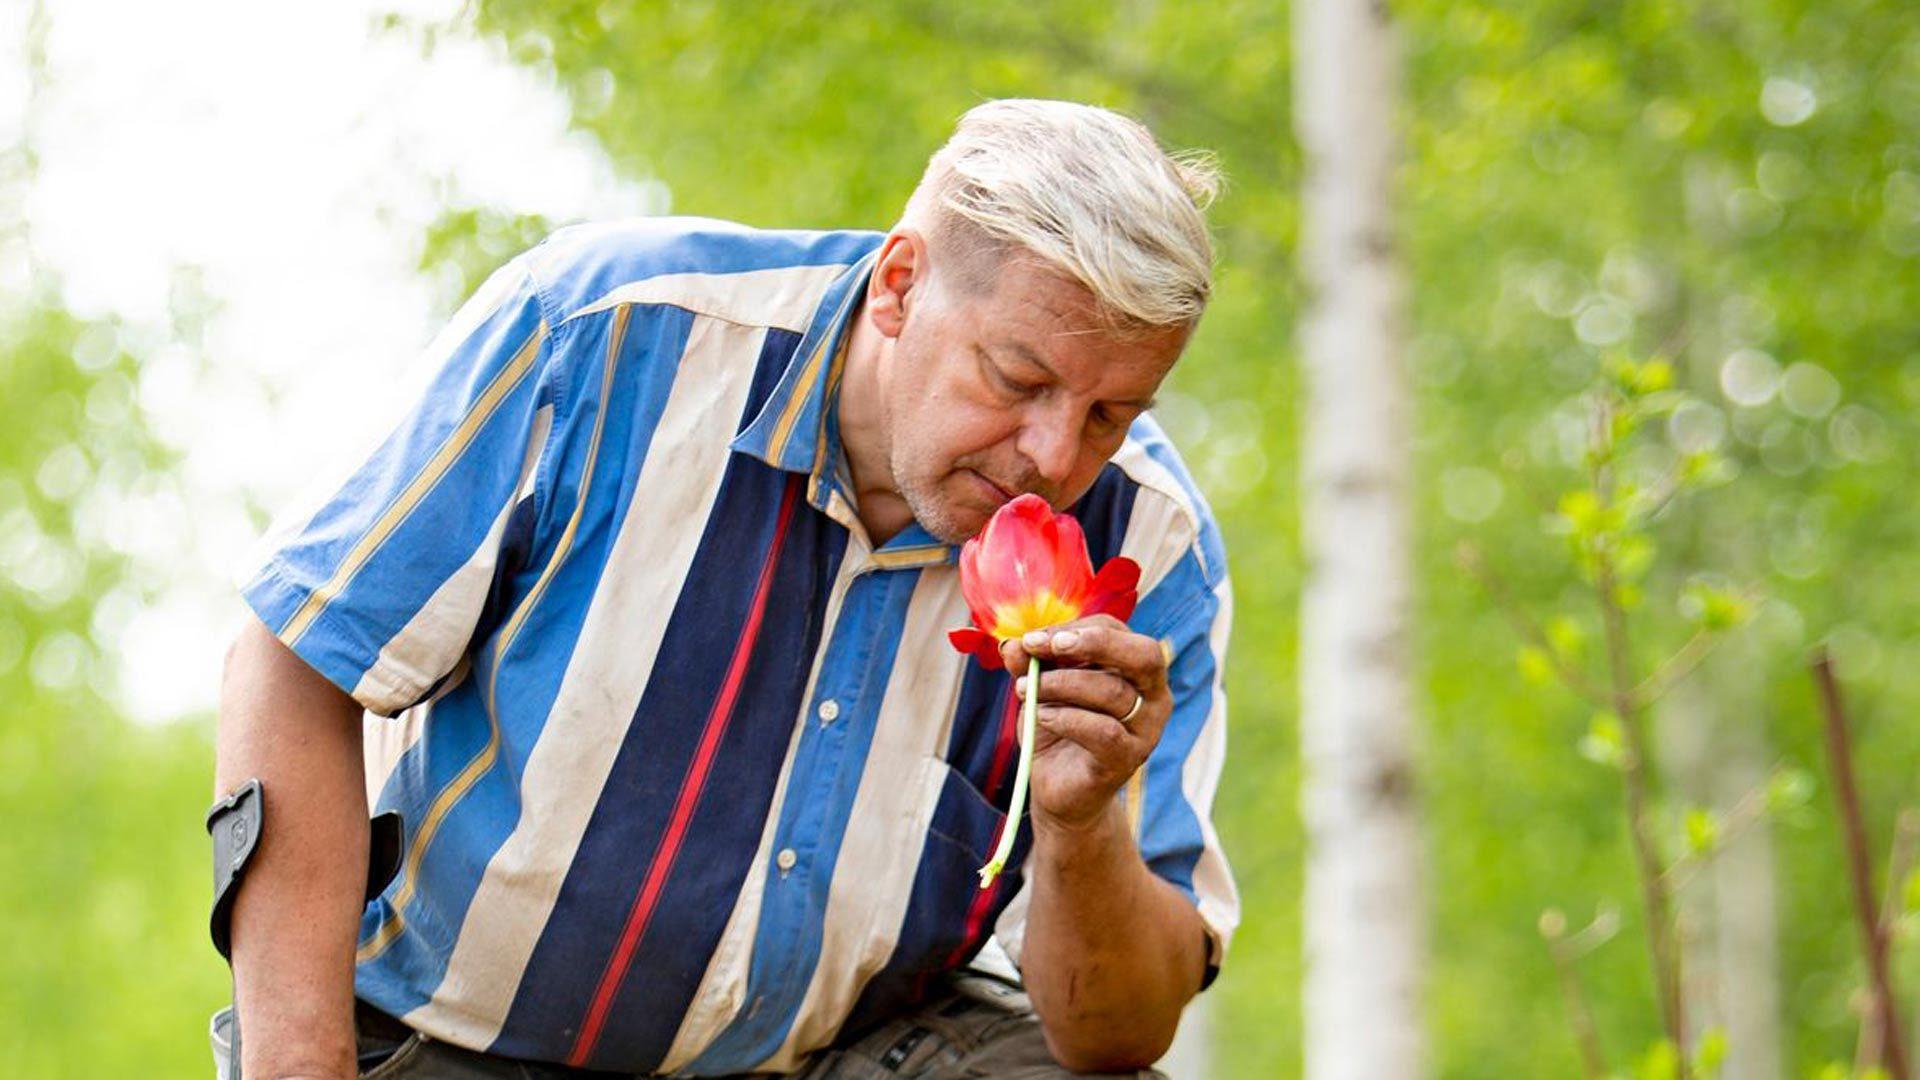 Veli-Pekka haluaa ilahduttaa ihmisiä hämmästyttävällä metsäpuutarhallaan.